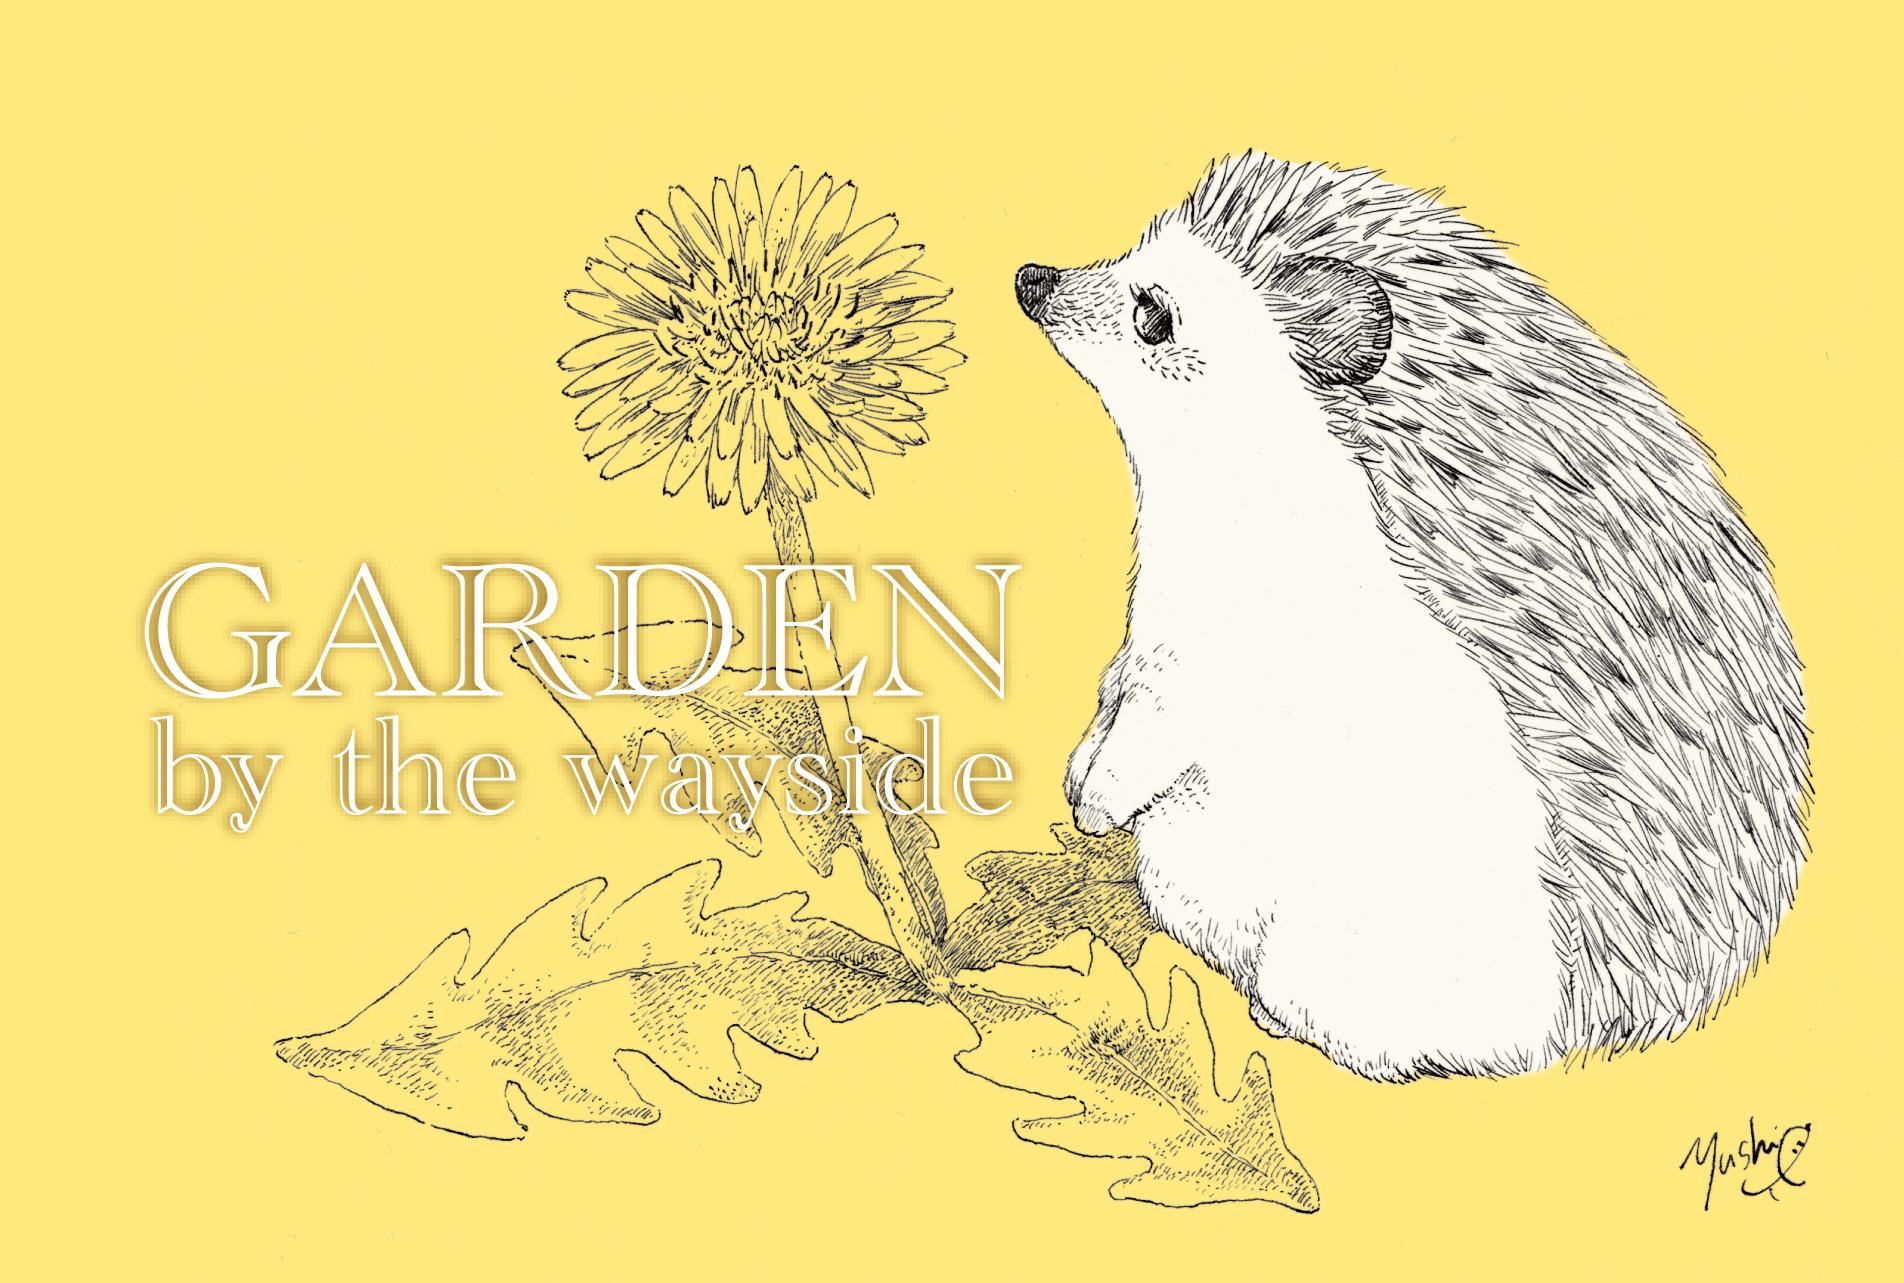 いわさきゆうし個展「GARDEN by the wayside」(2021.7.16 – 7.26)